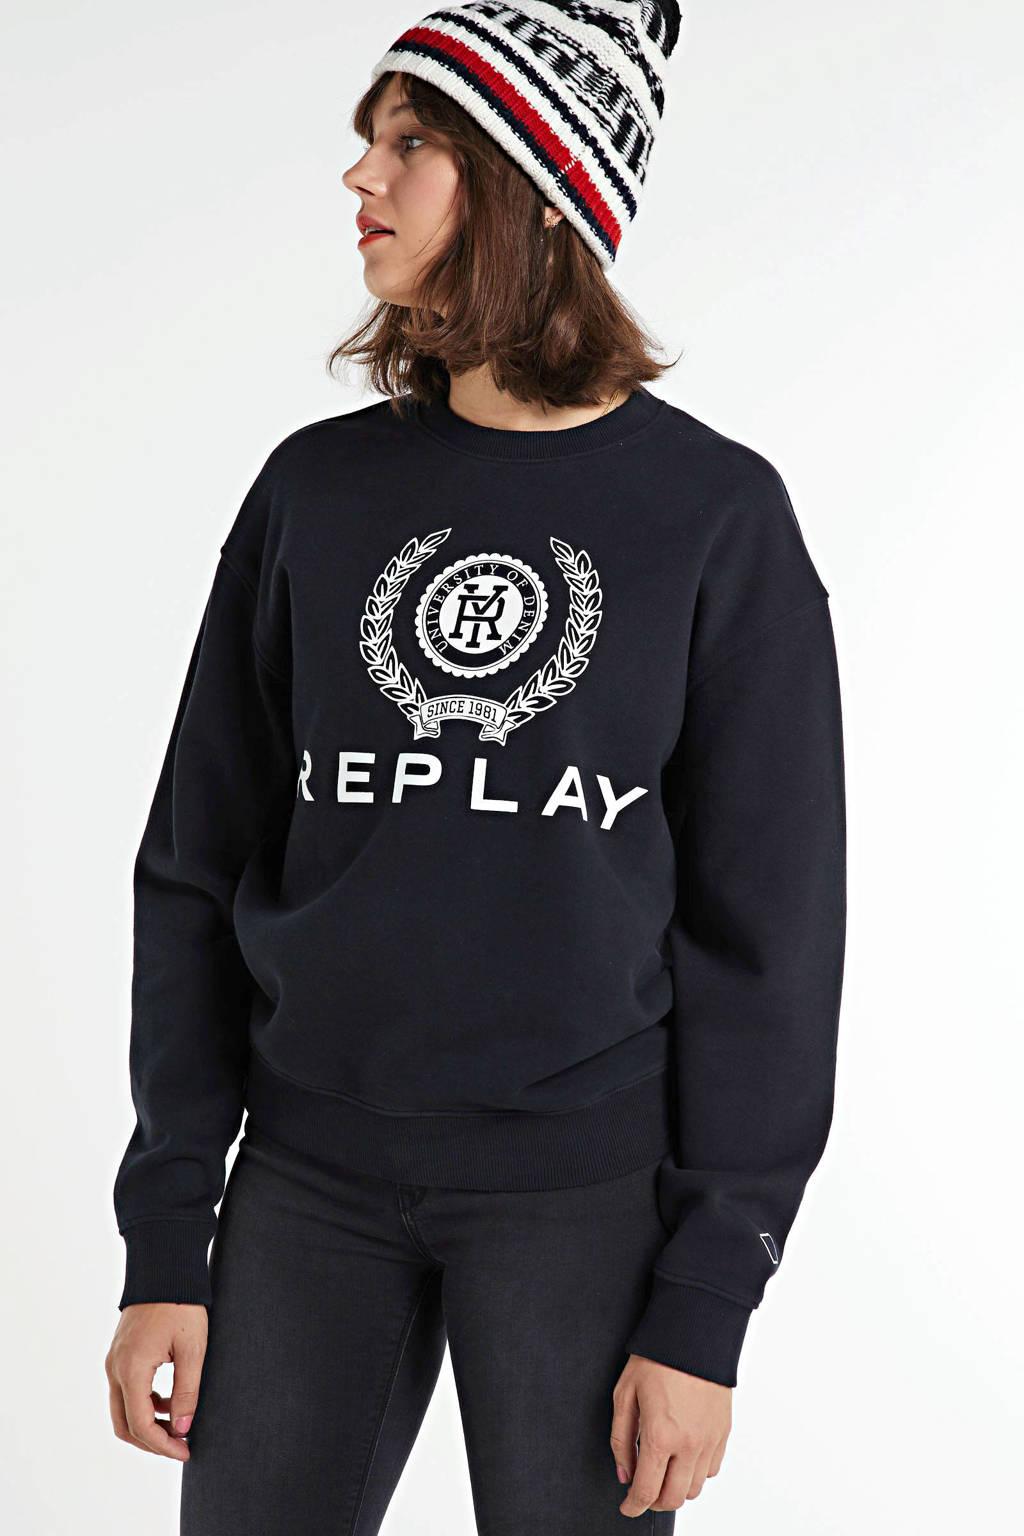 REPLAY sweater met logo off black, Zwart